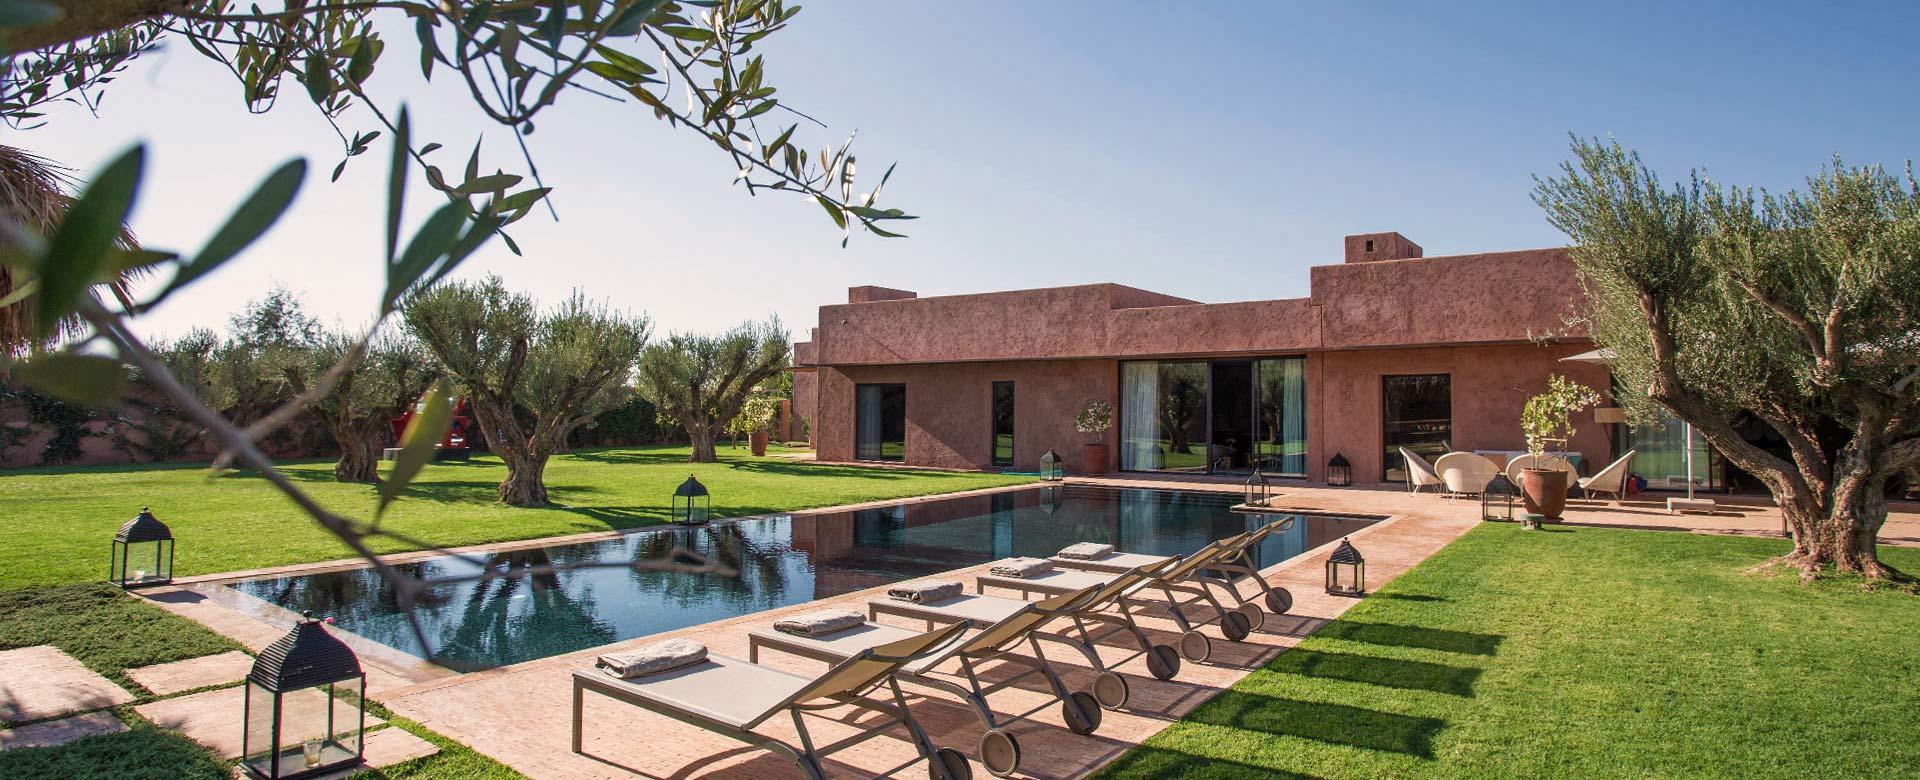 Affitto Villa Marrakech Villa Vacanze Marrakech Villa di Lusso Marrakech  Villanovo